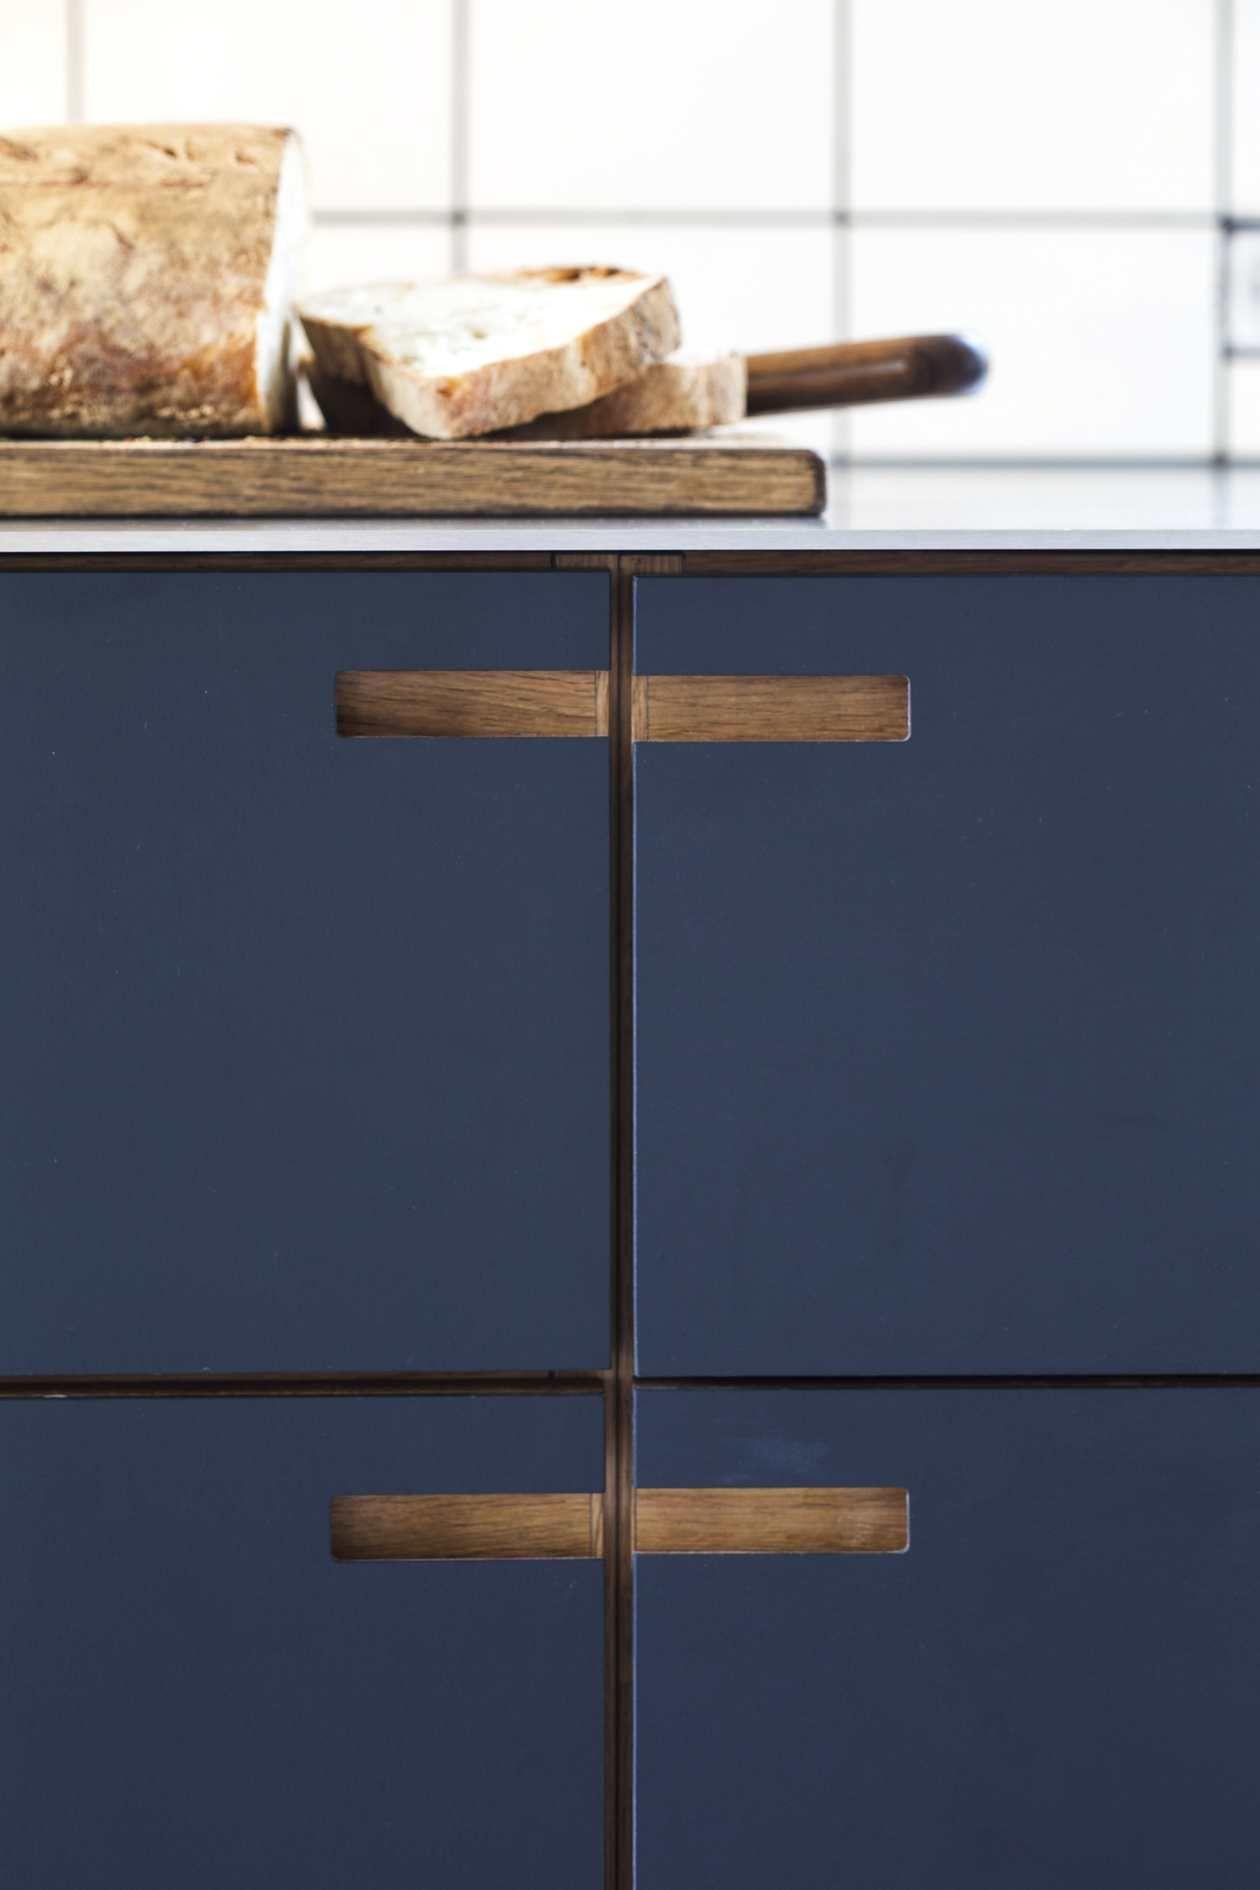 Køkkener & Kønsroller | Hardware/ {bling for the home} | Pinterest ...